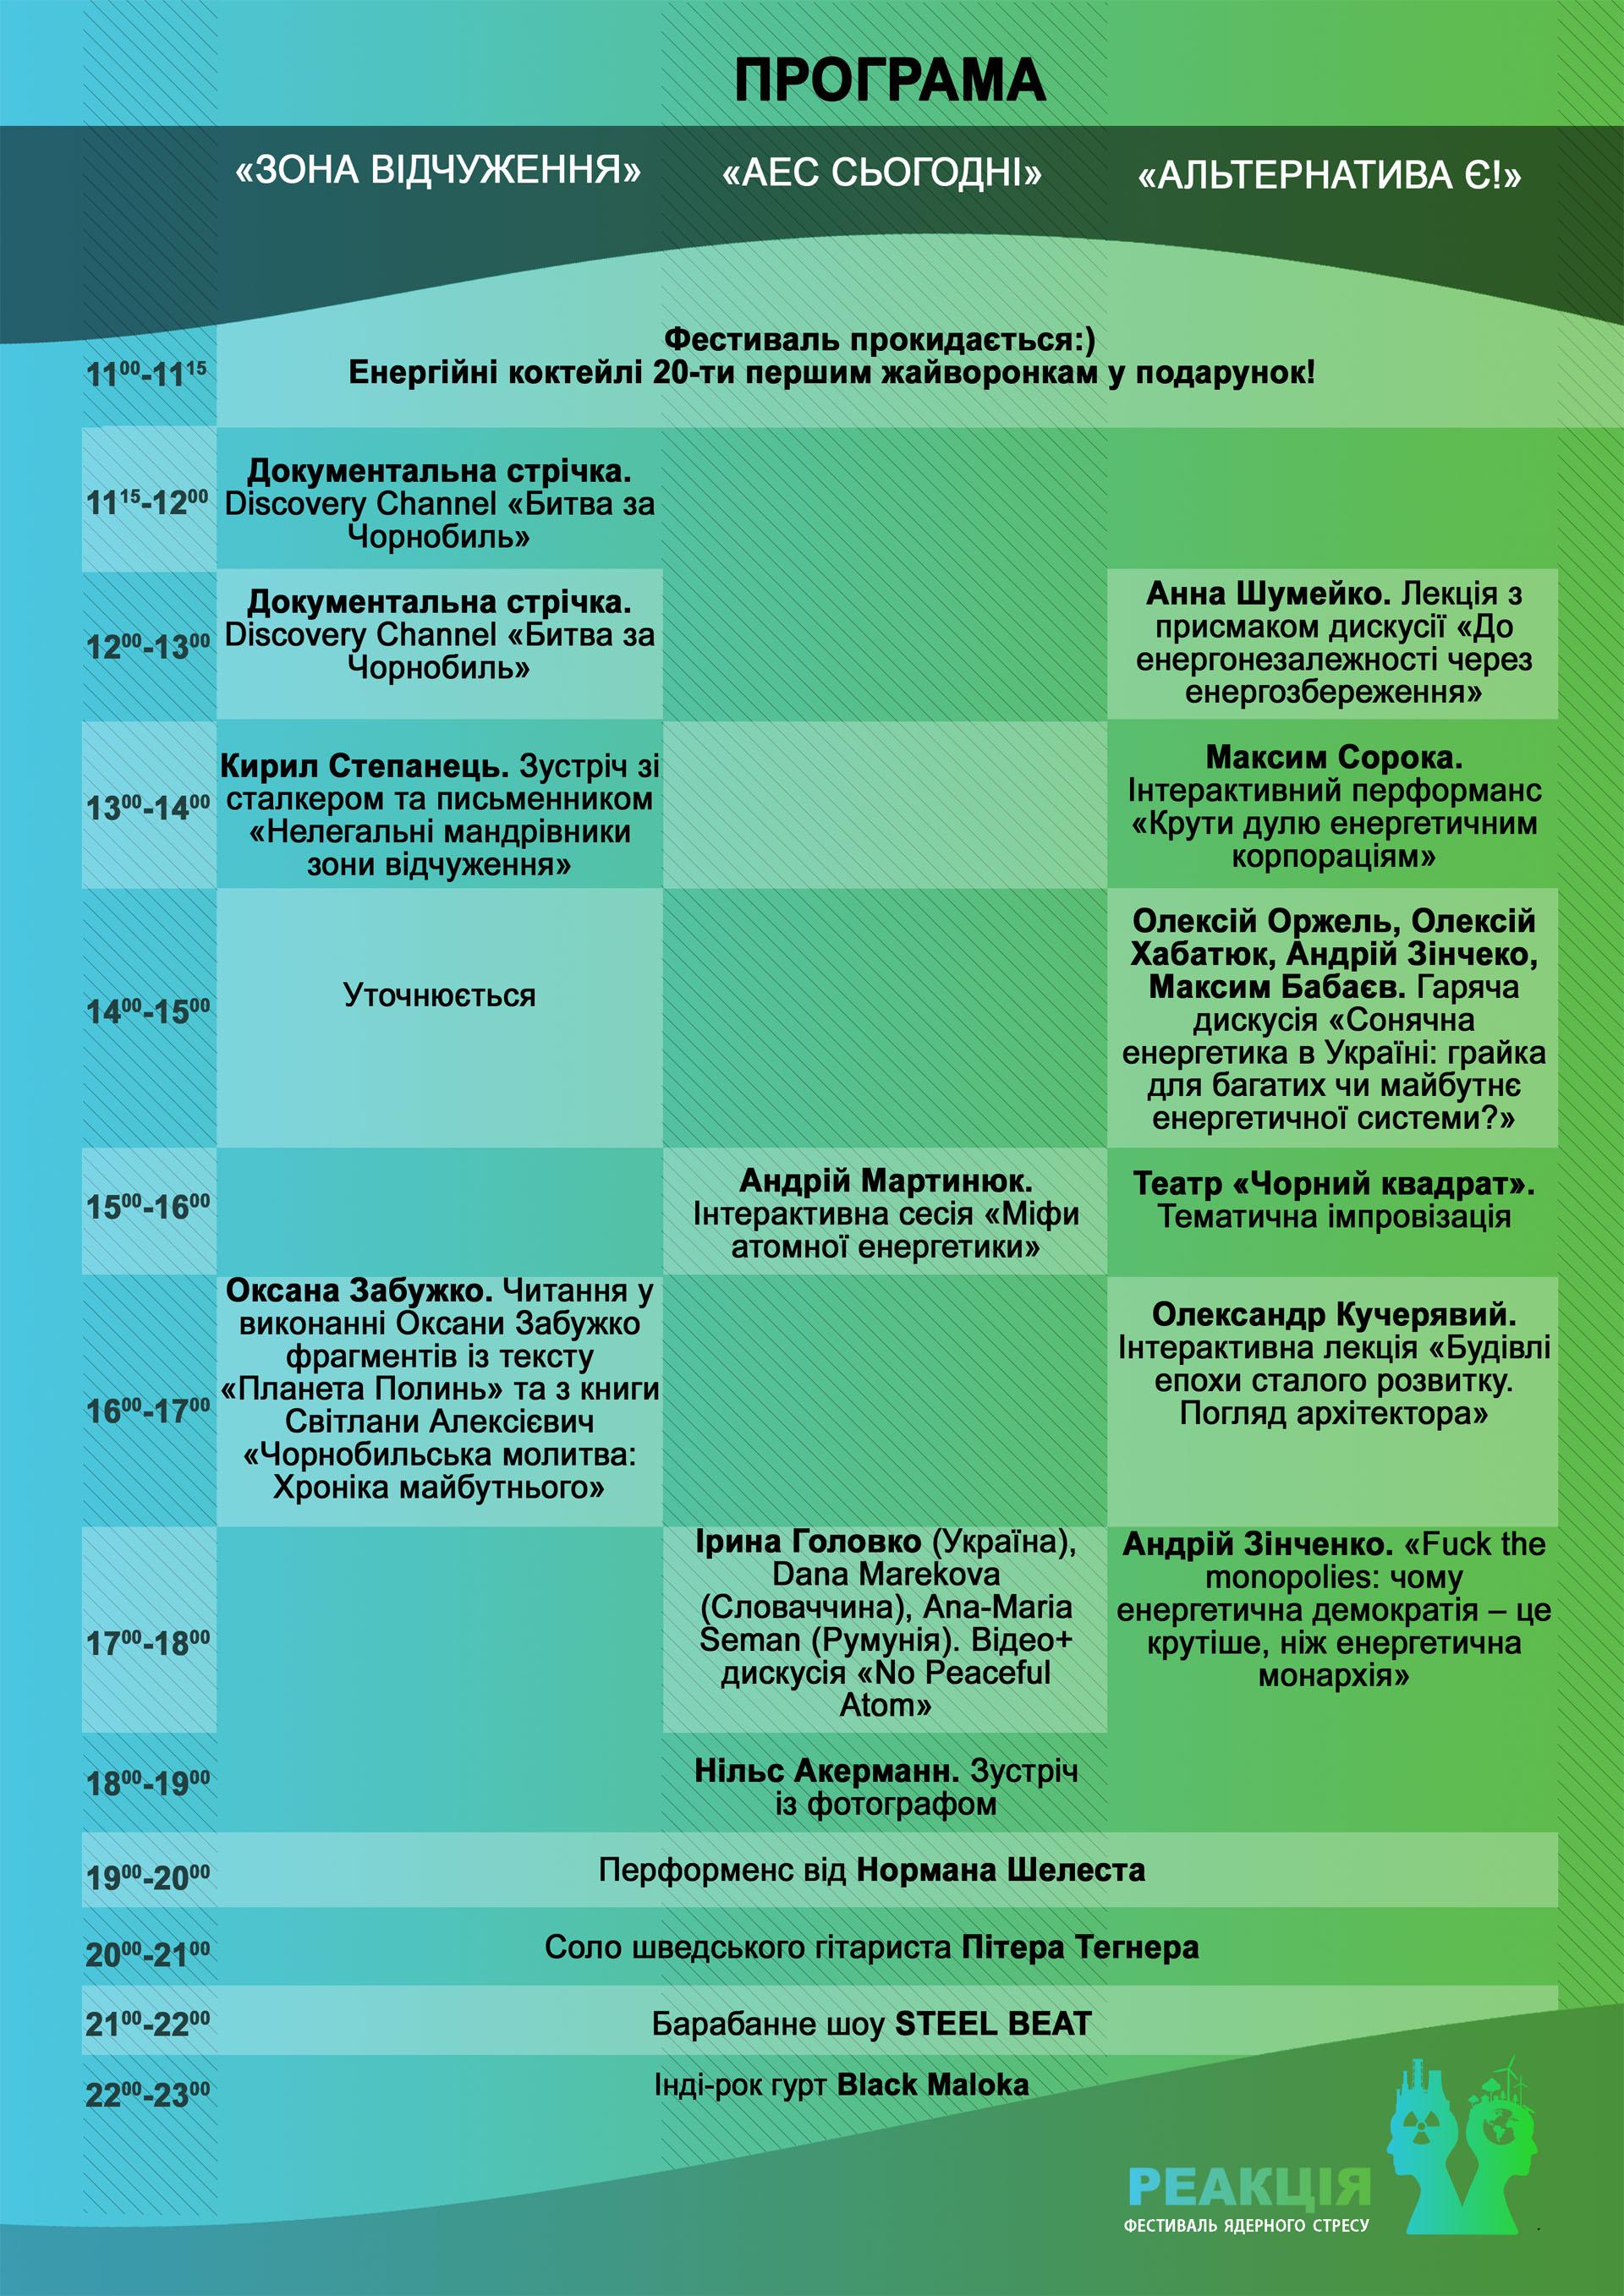 Програма фестивалю ядерного стресу Реакція - 2